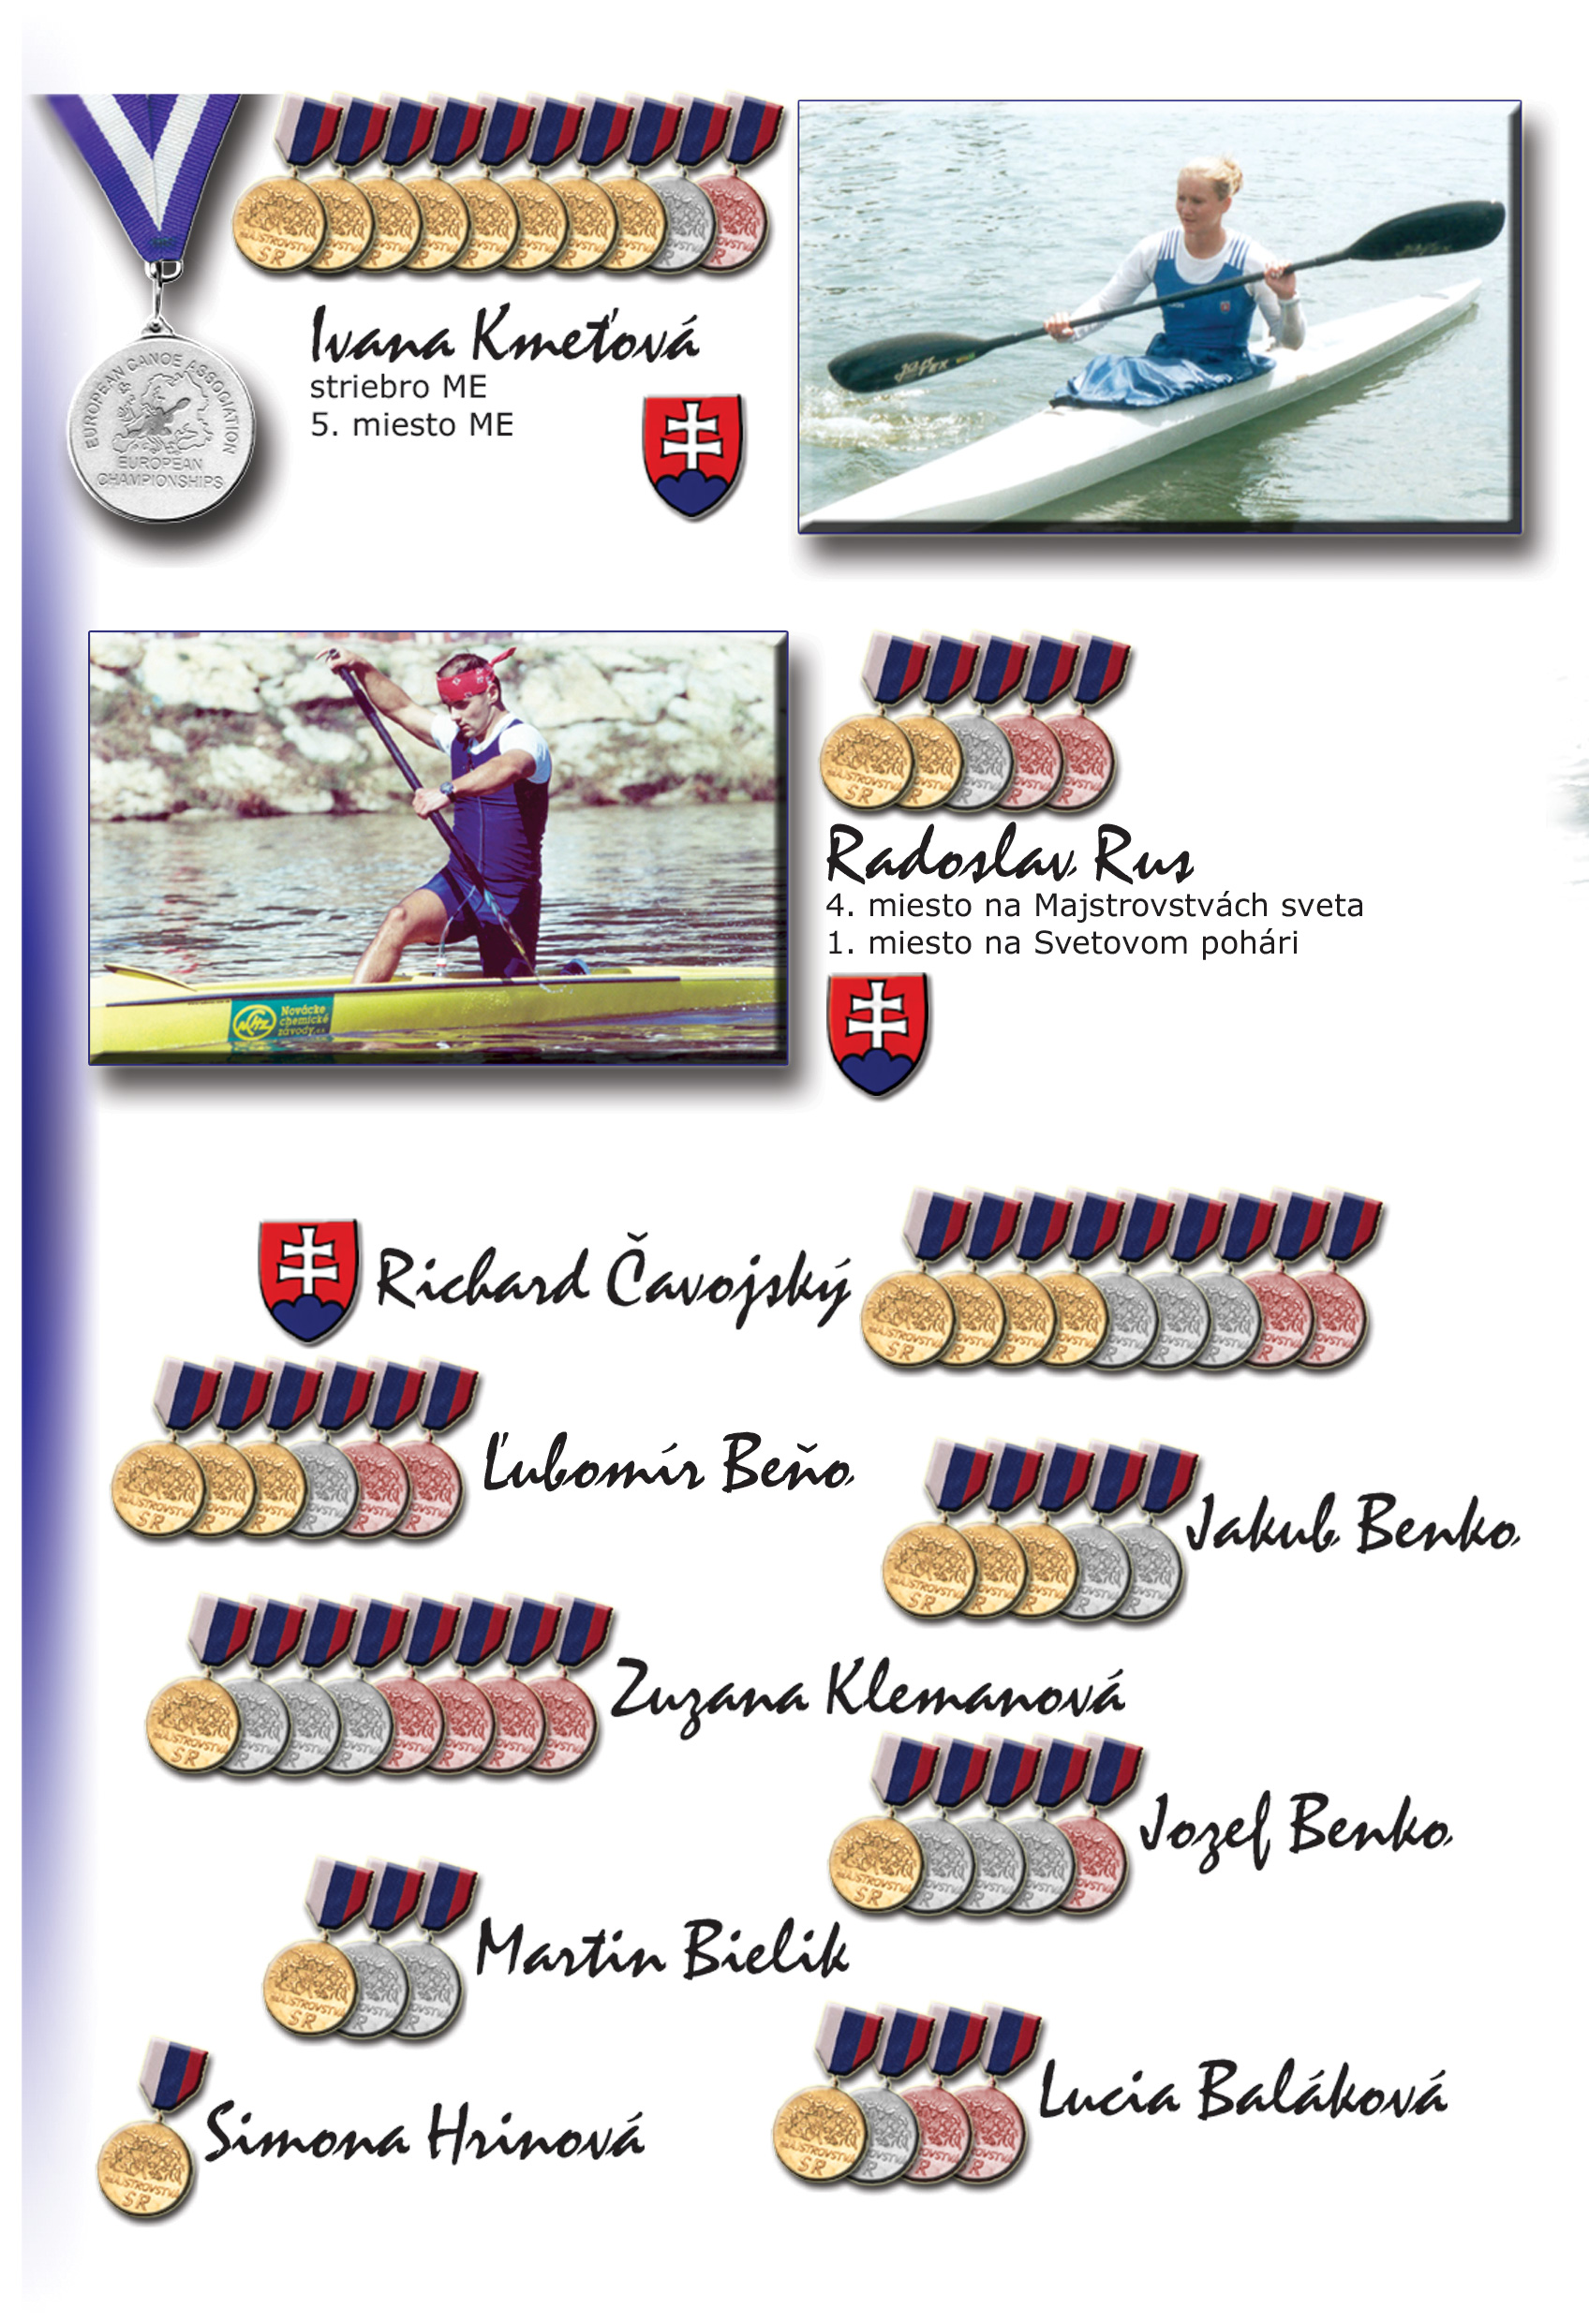 Profil klubu 2002/2003, strana 4